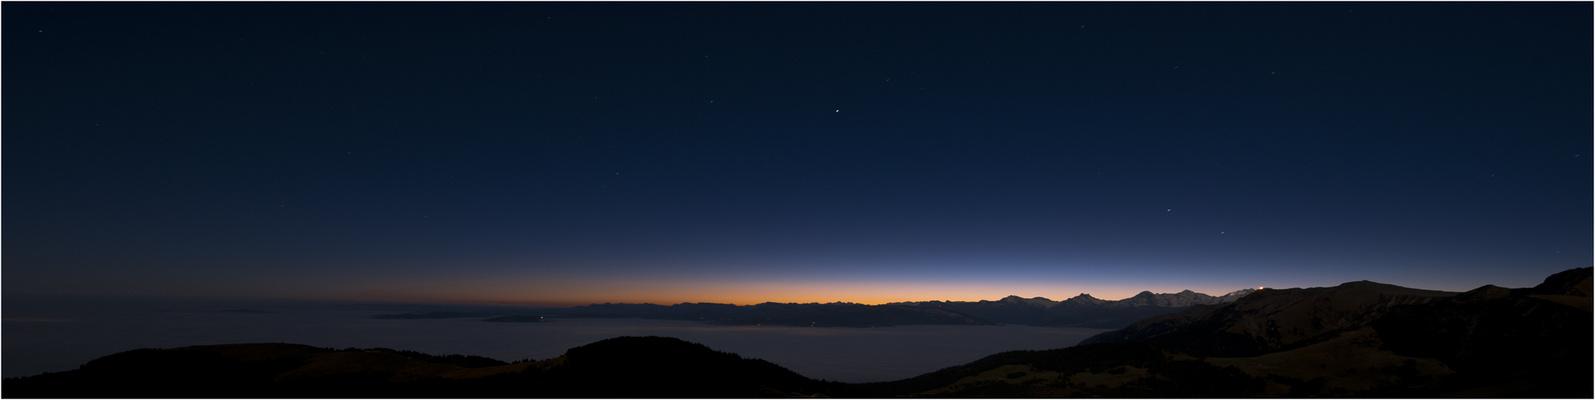 Berner-Oberland erwacht 6.00AM